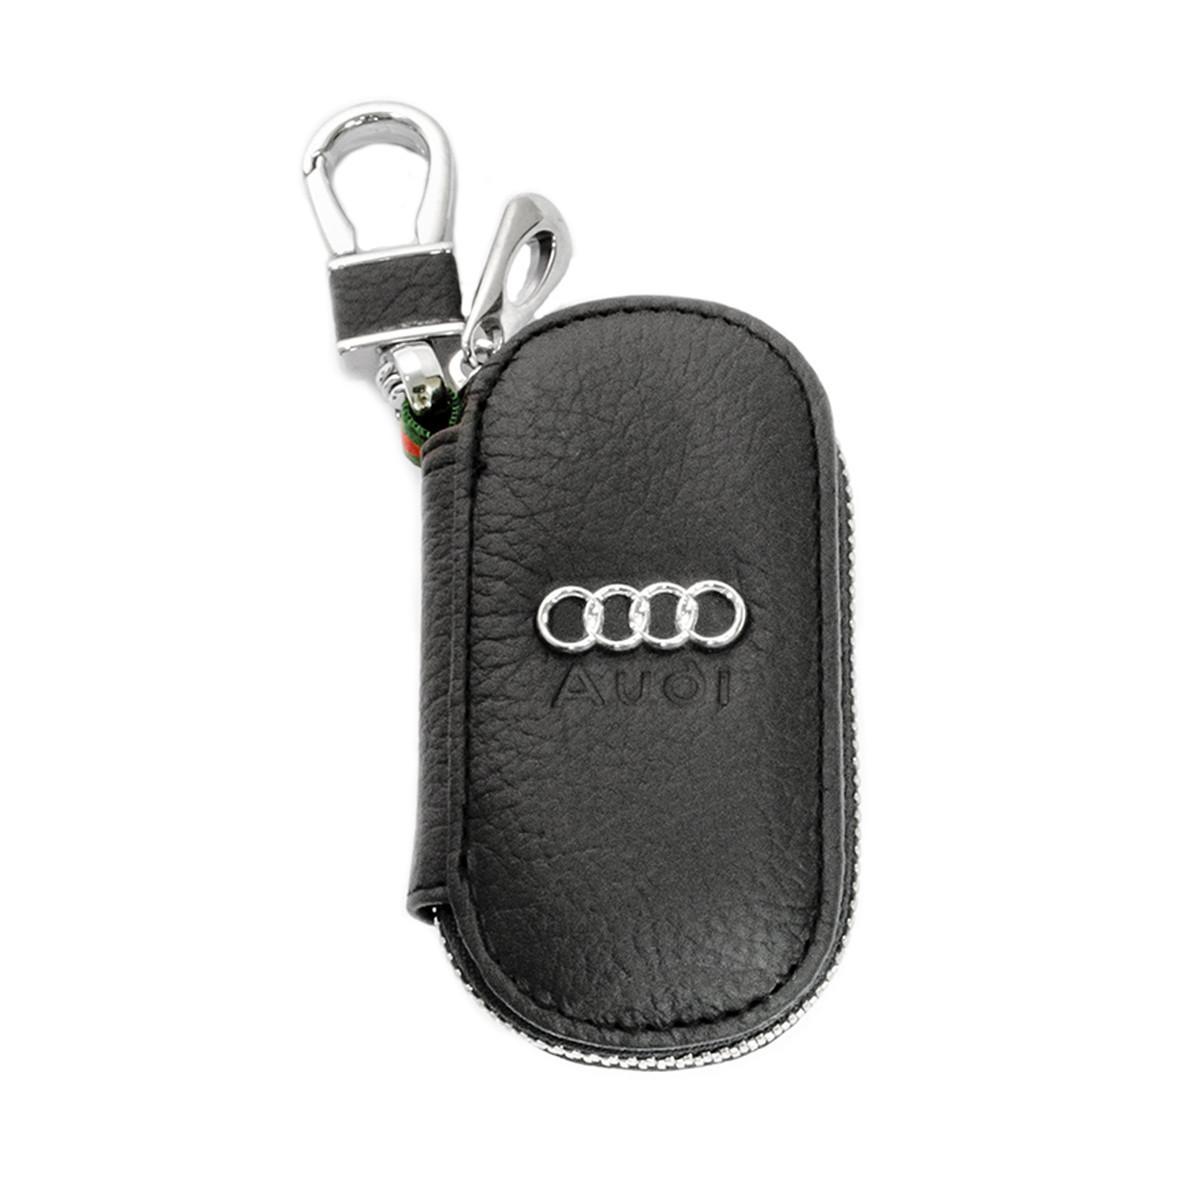 Ключниця Carss з логотипом AUDI 01003 чорна